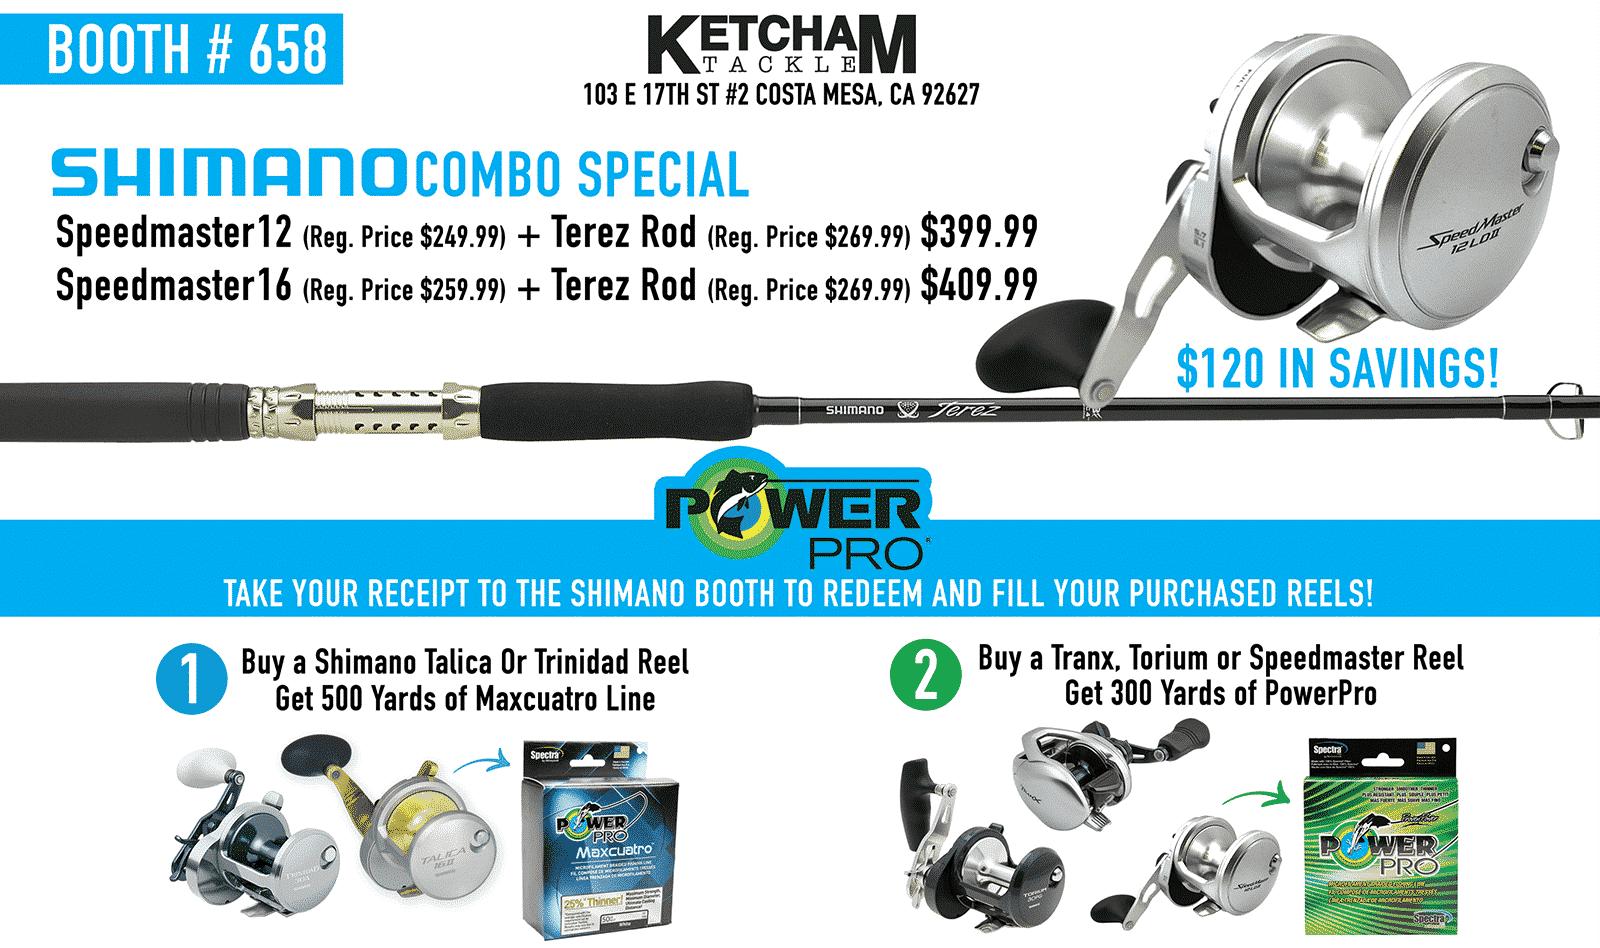 Ketcham Tackle Show Specials